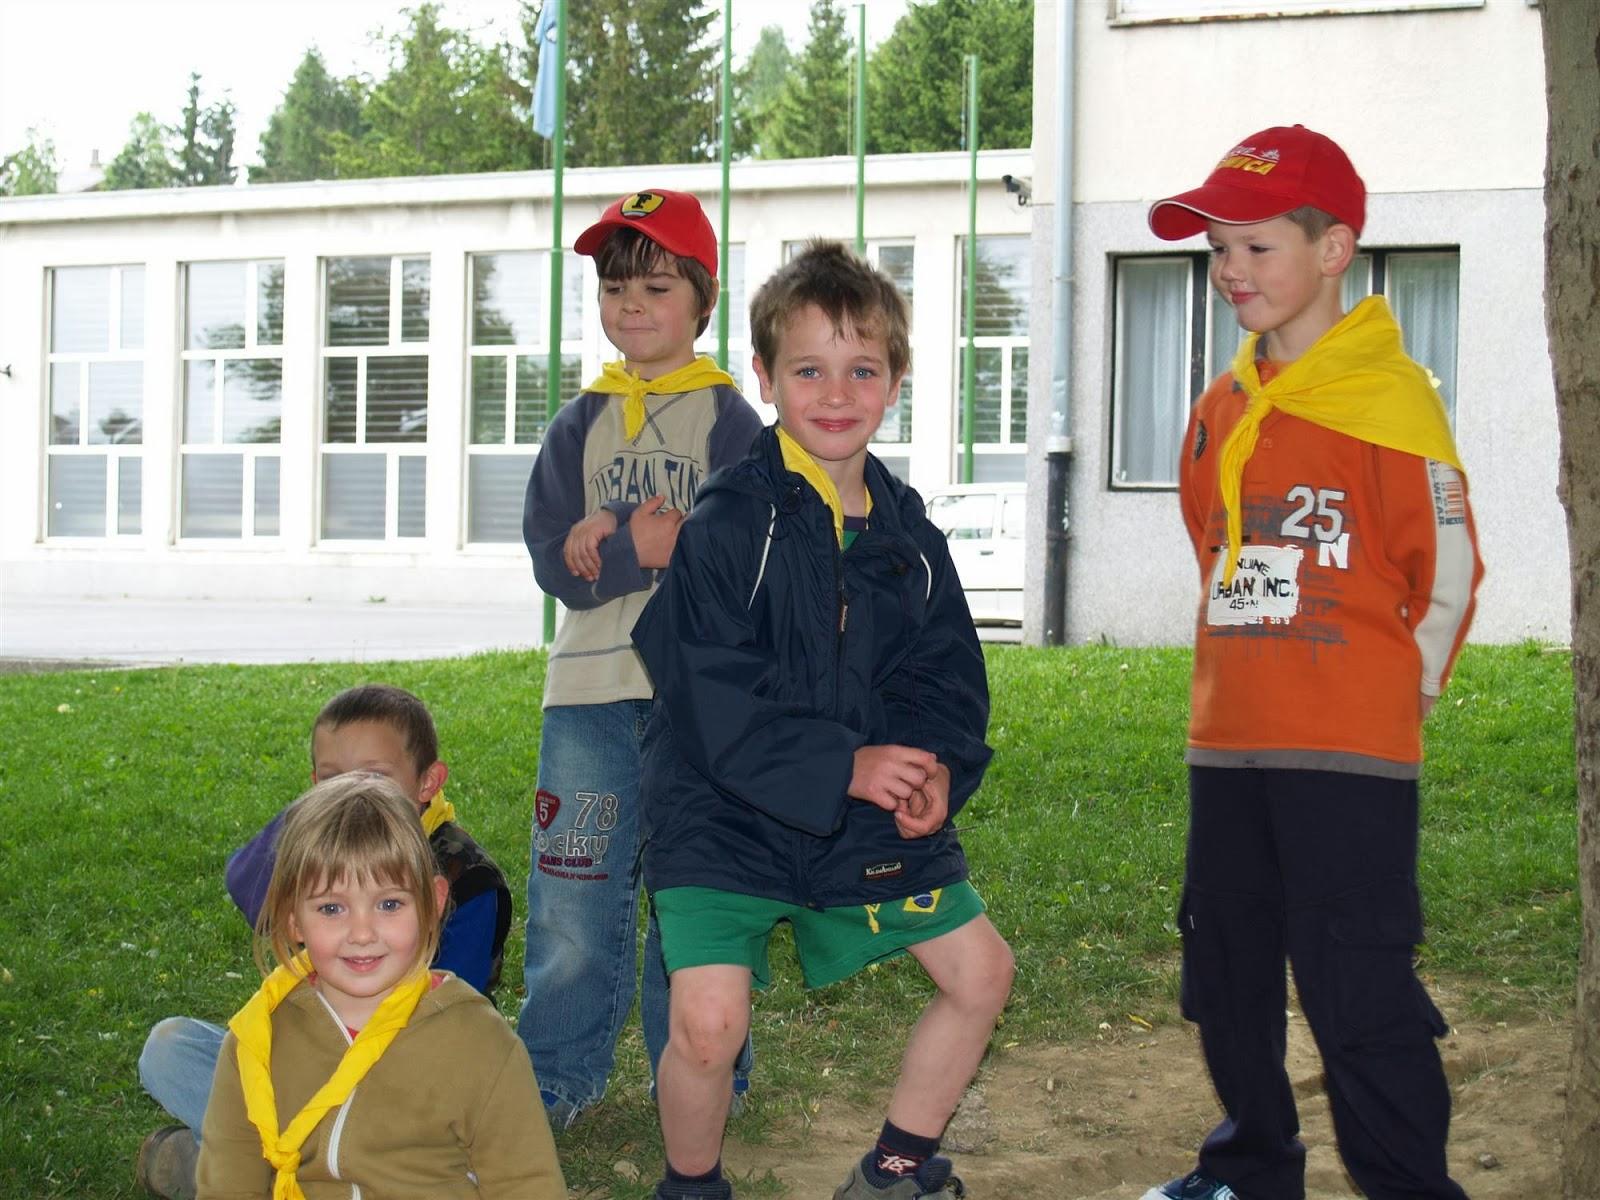 Področni mnogoboj MČ, Ilirska Bistrica 2006 - P0213561.JPG